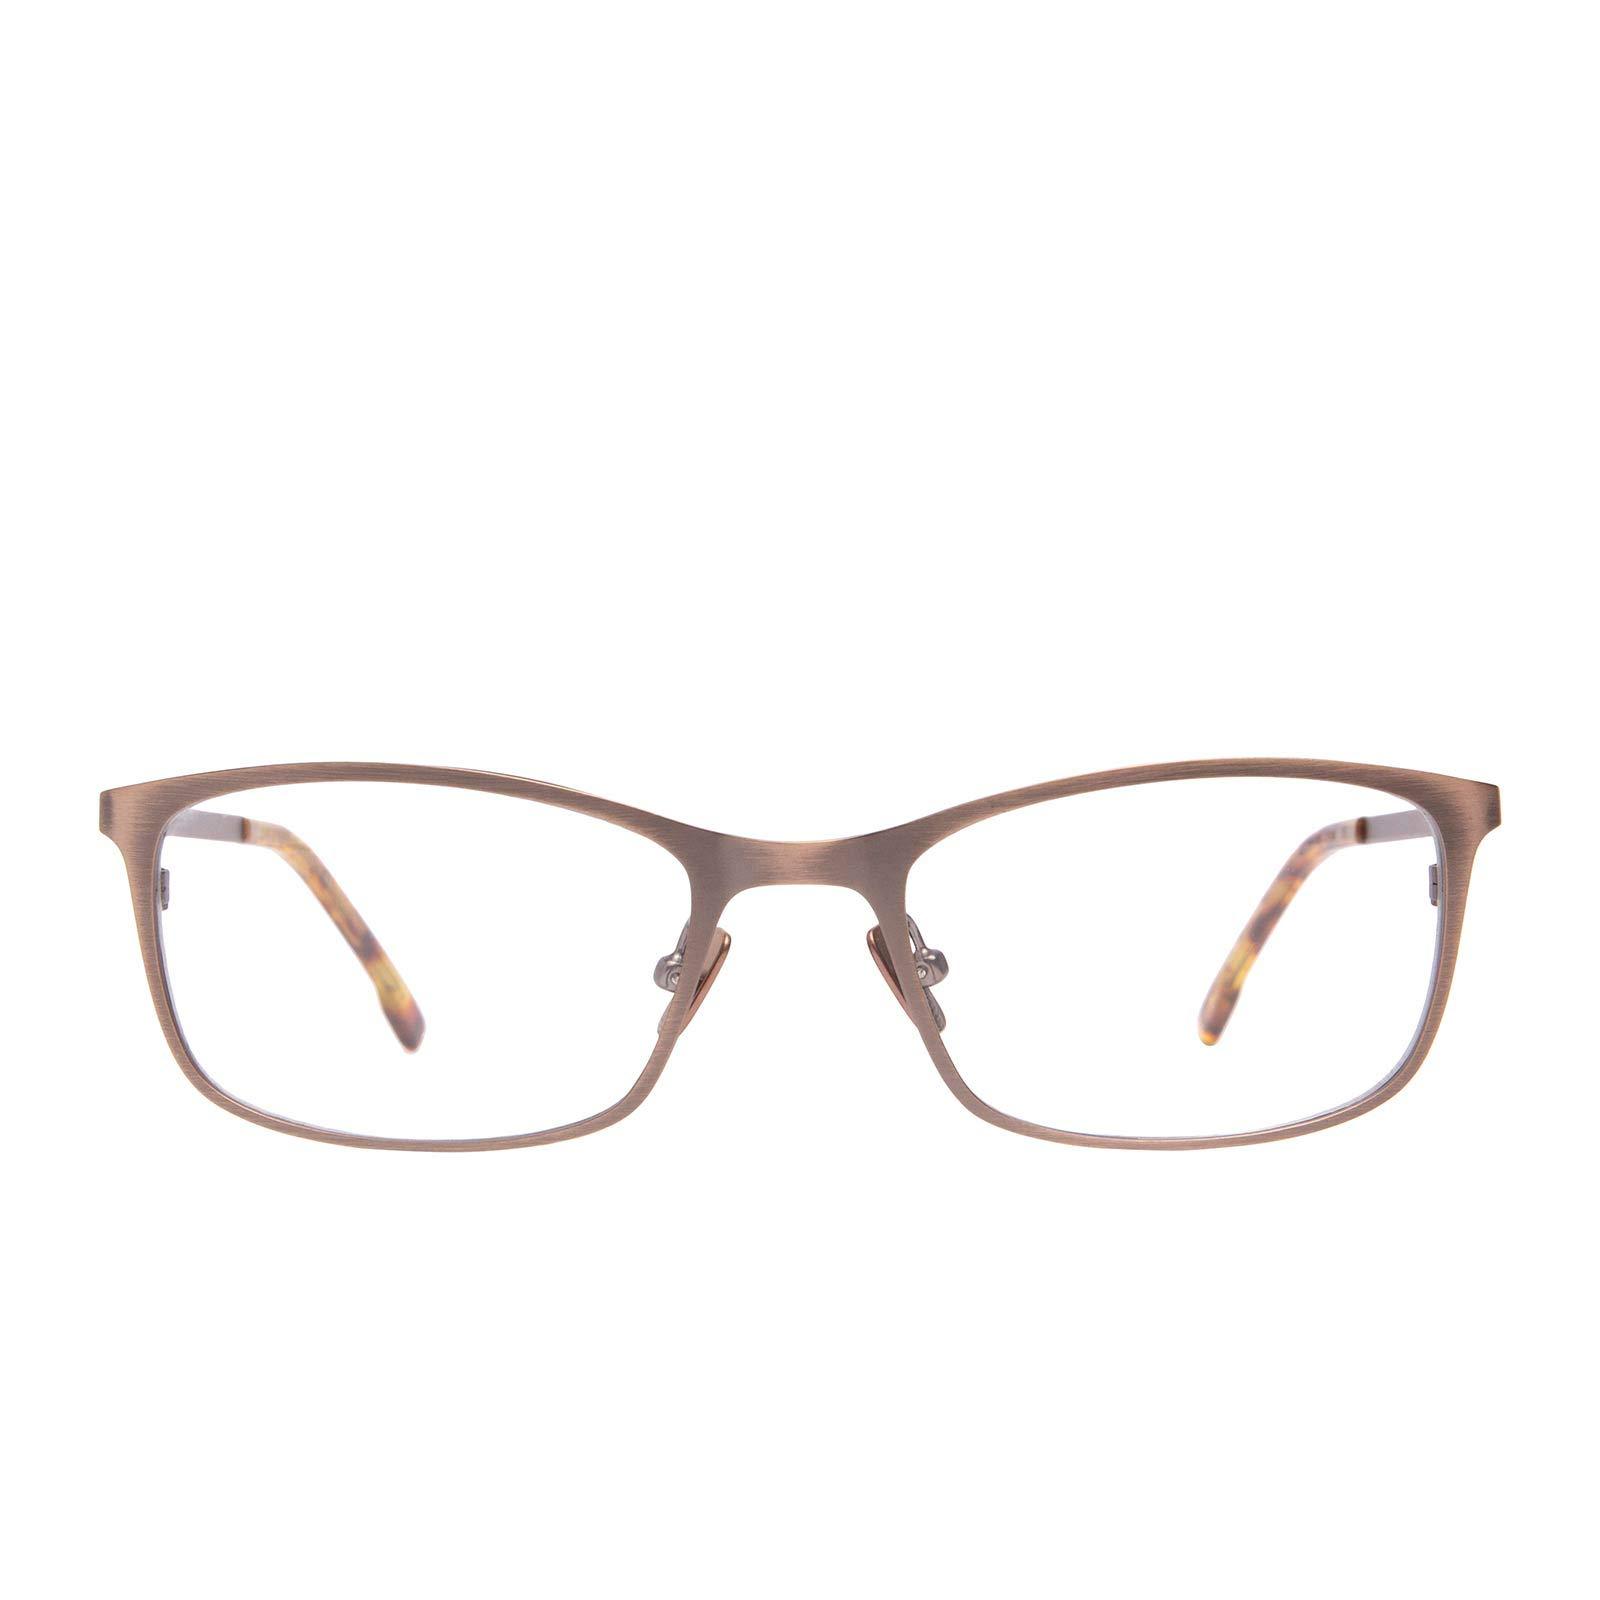 DIFF Charitable Eyewear - Bernie - Designer Blue Light Blocking Glasses - HEV Light Diffusing UV400 Transparent Lens, Prevents Eye Strain, Improves Sleep